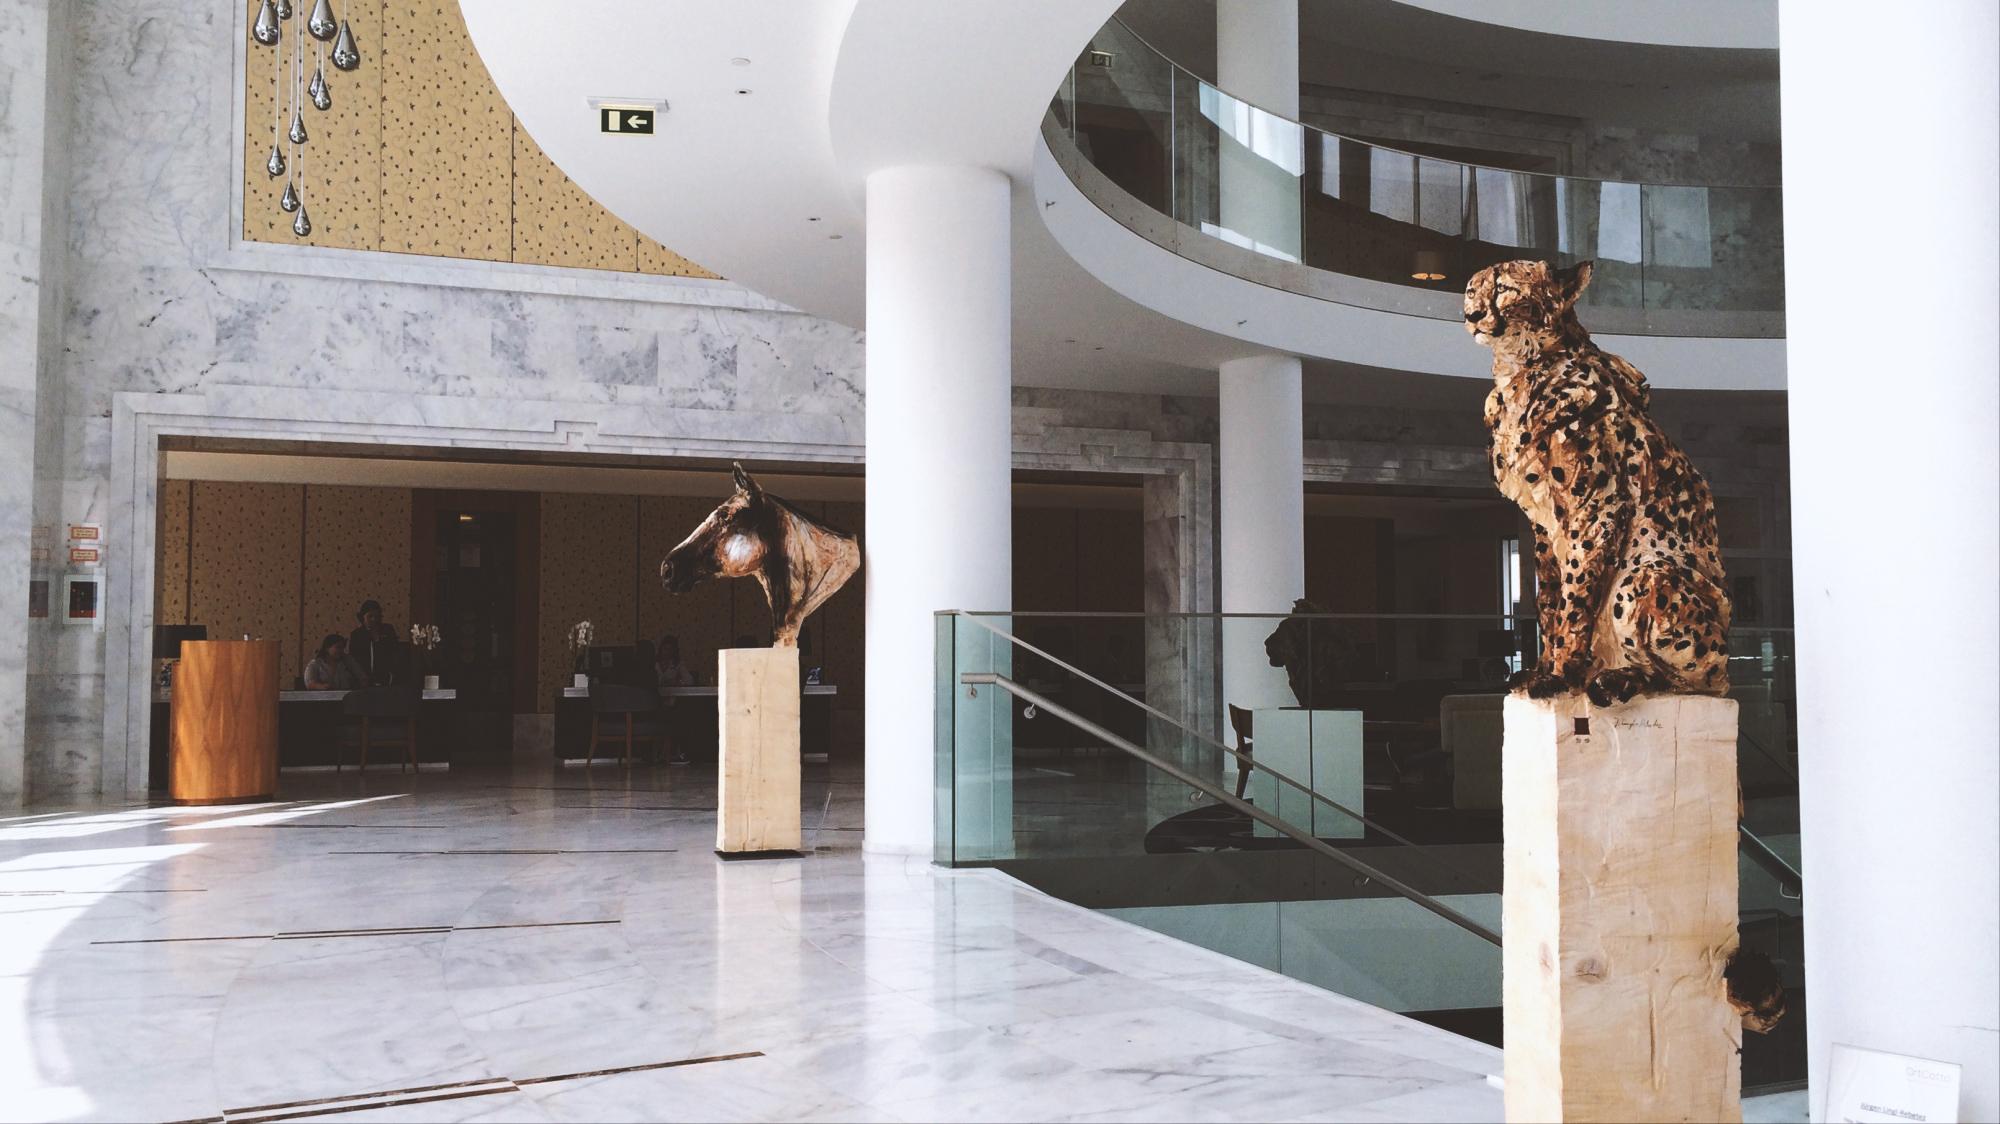 ArtCatto exhibition Conrad Hotel Algarve 2017